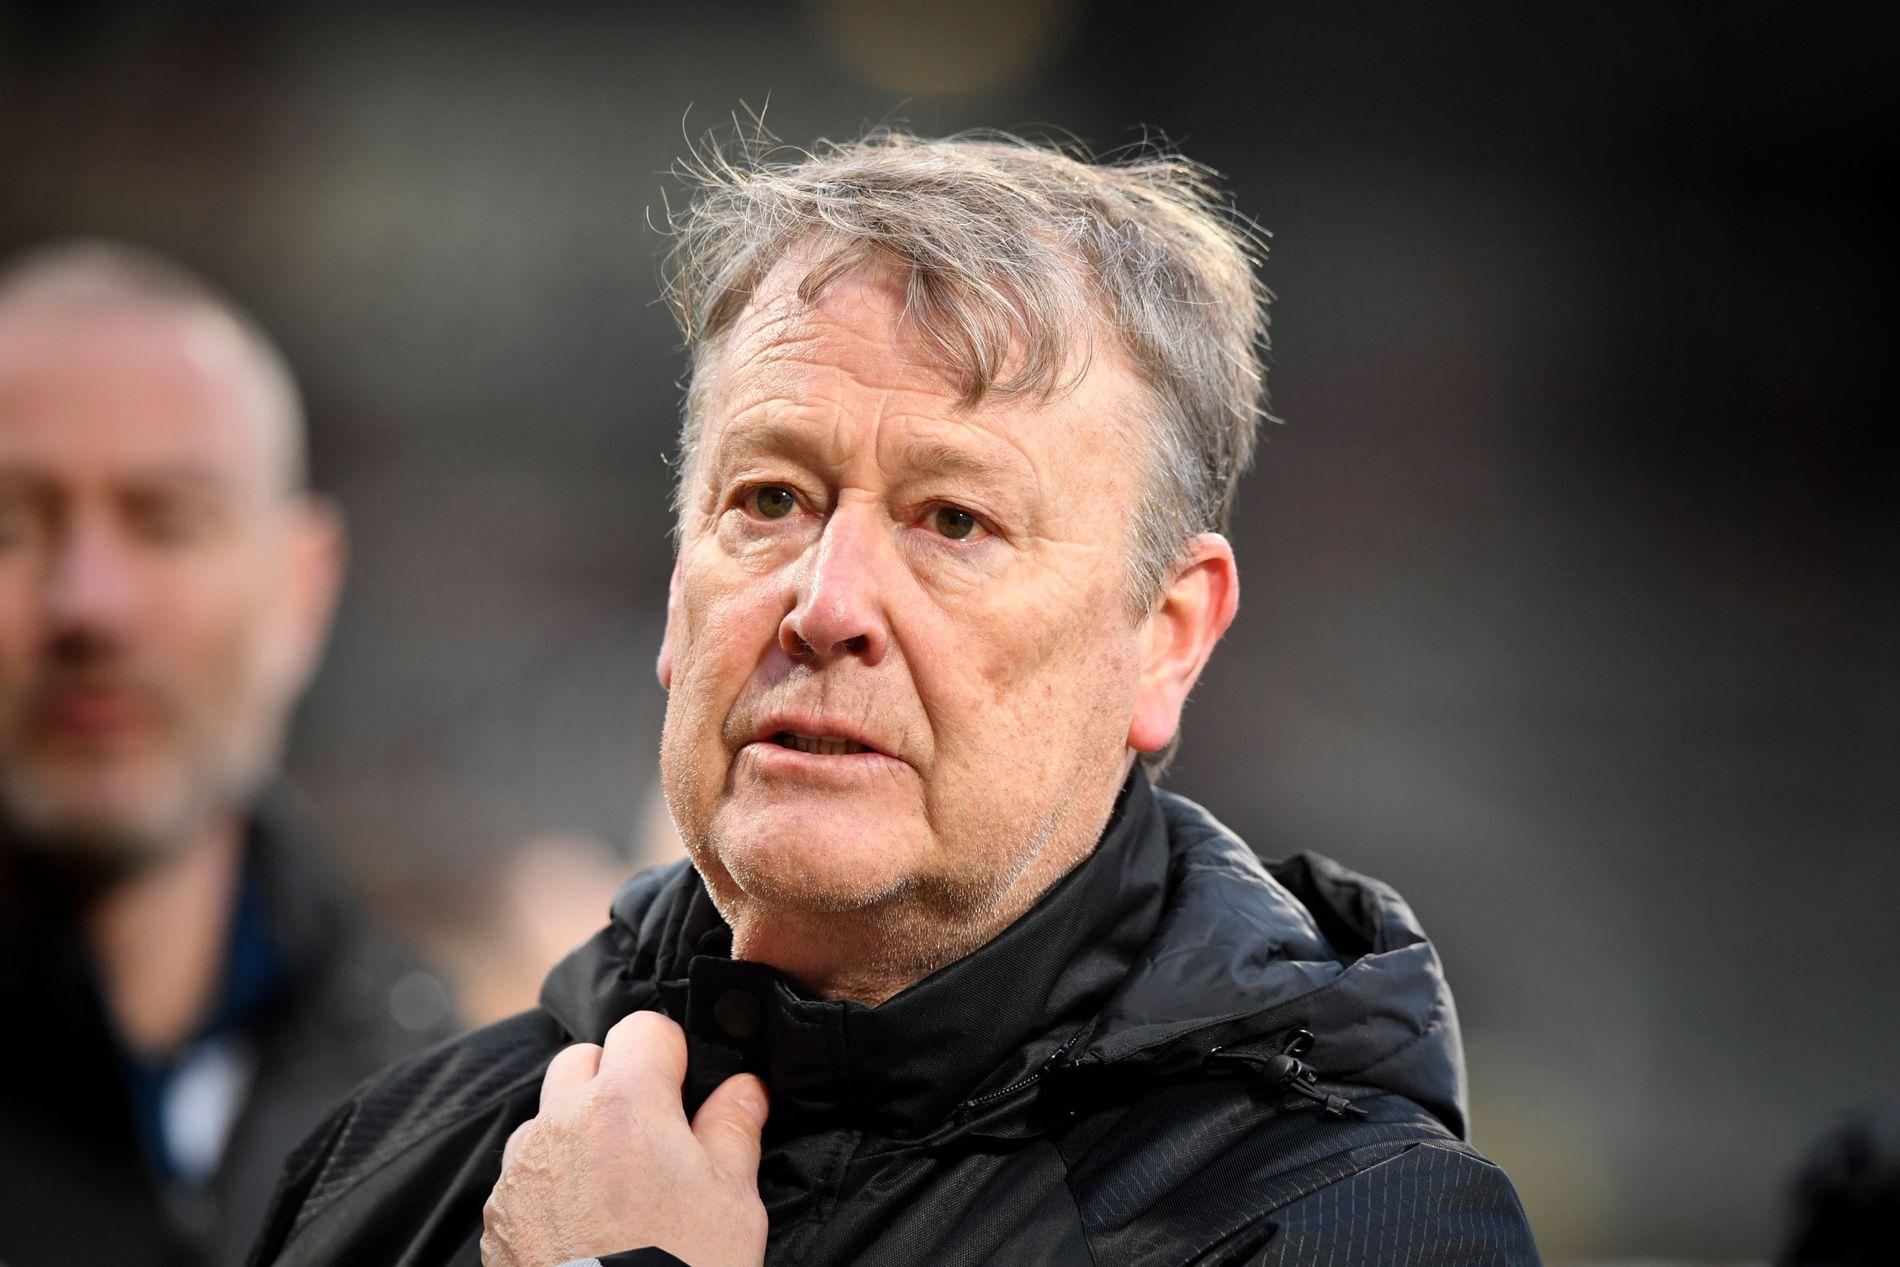 VRAKET BENDTNER: Åge Hareide måtte ta en tøff avgjørelse da han vraket Nicklas Bendtner fra VM-troppen.